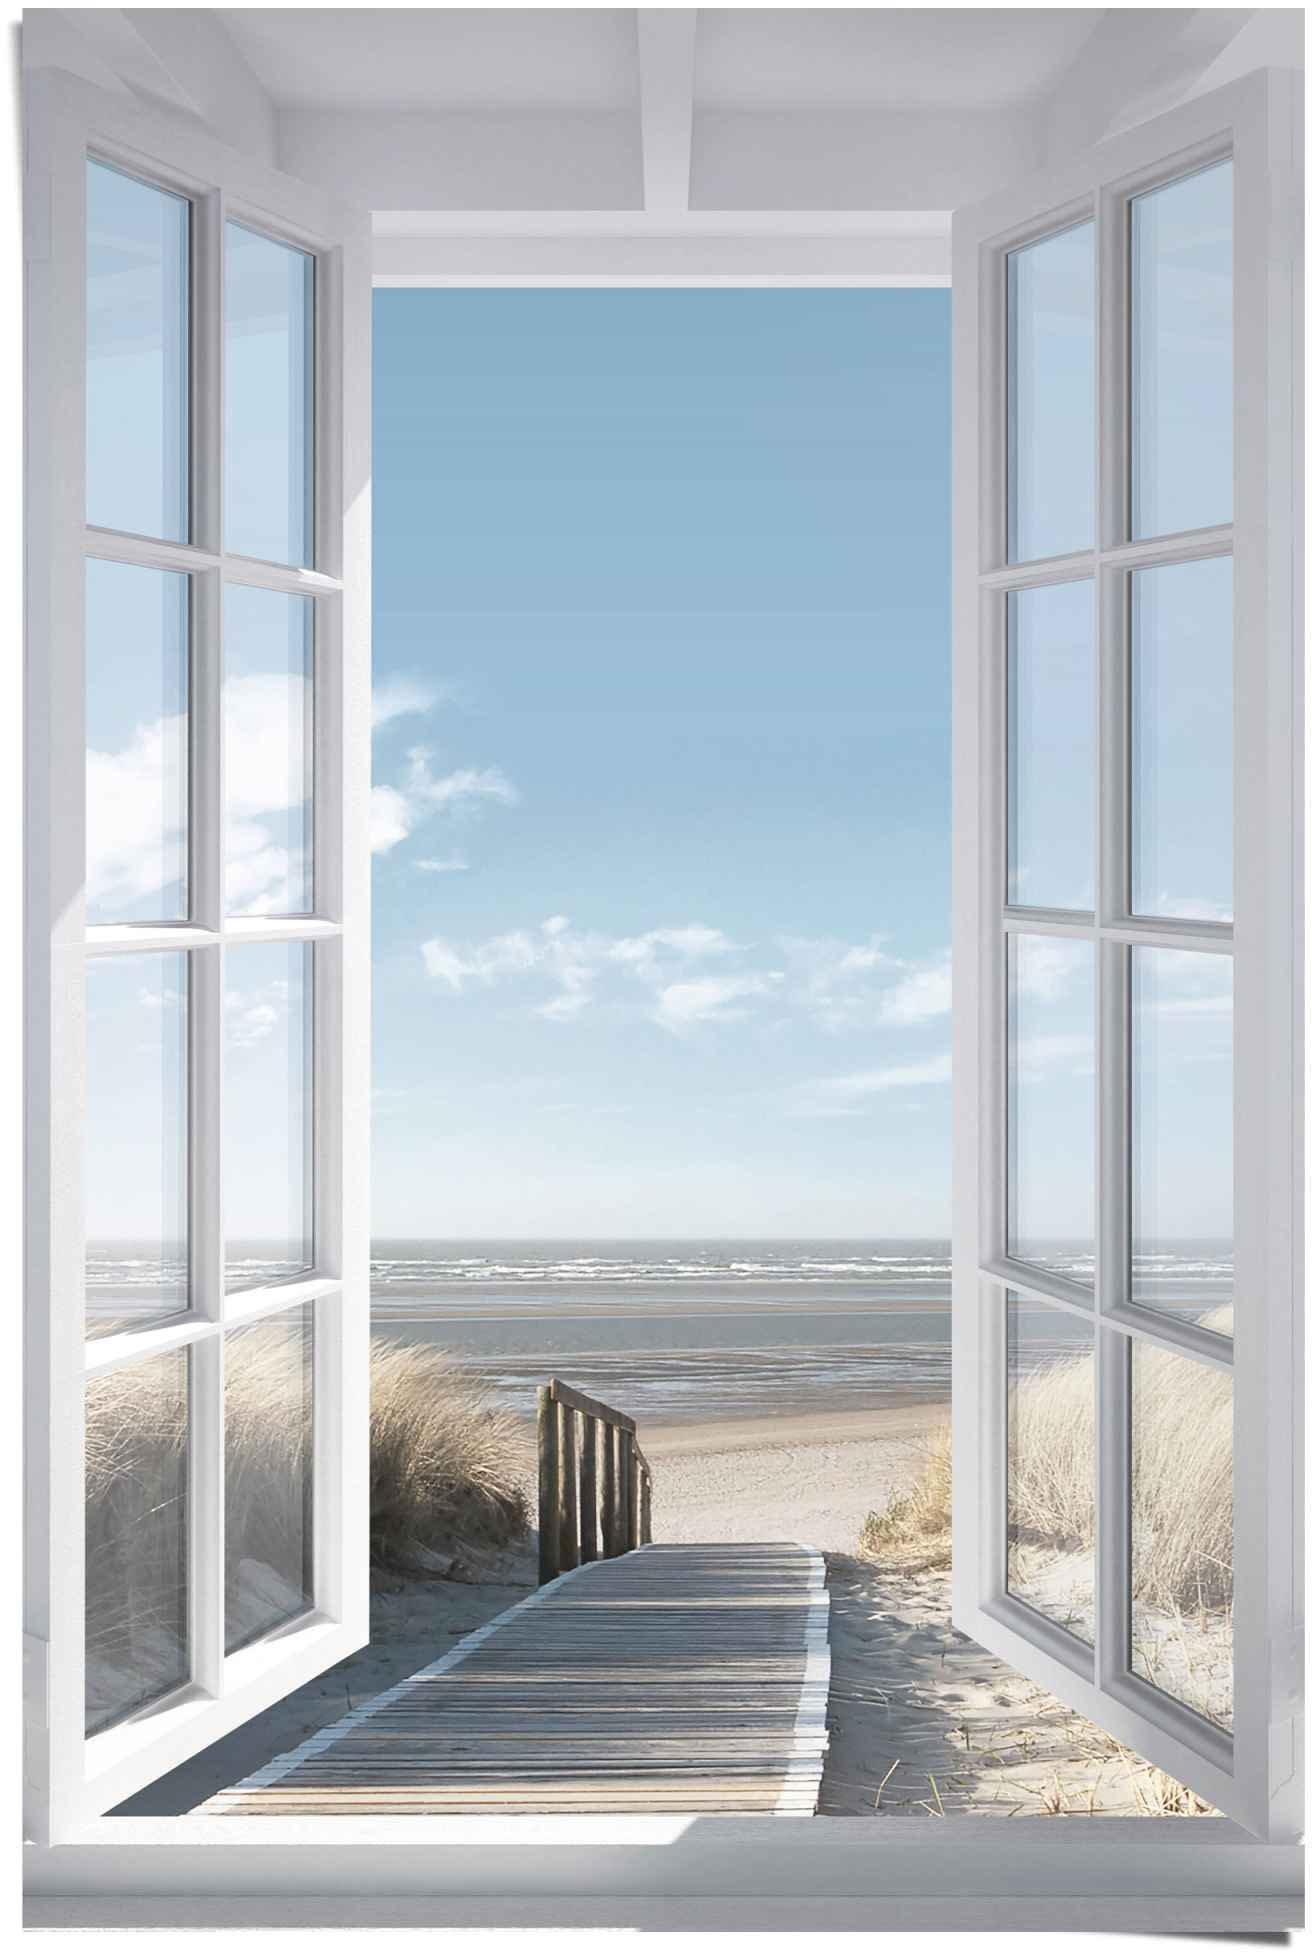 Op zoek naar een Reinders! poster blik uit het venster Noordzee (1 stuk)? Koop online bij OTTO